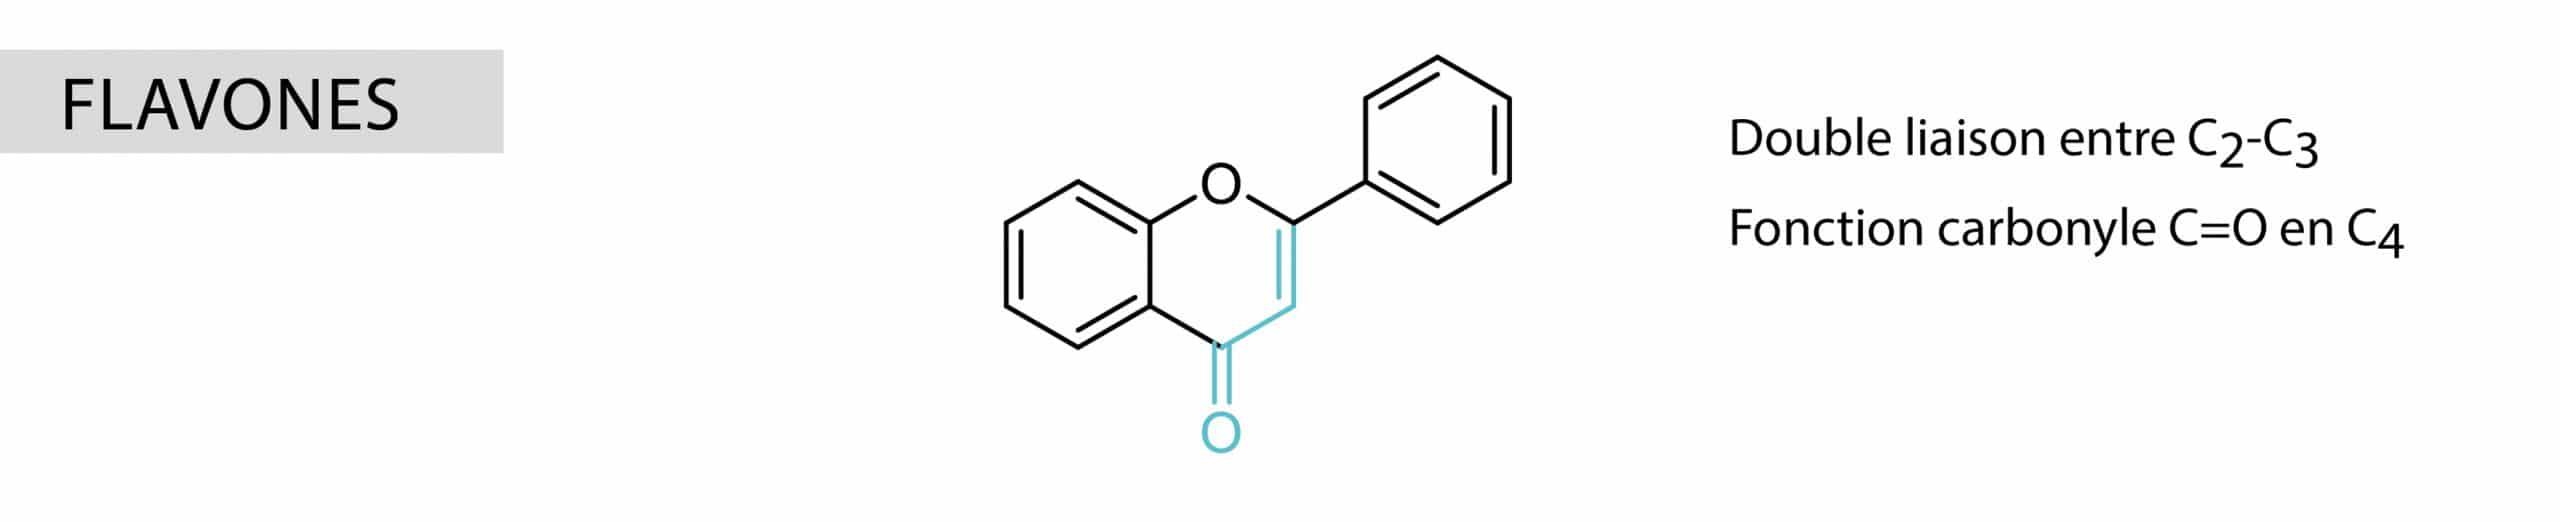 flavones Nutrixeal Info